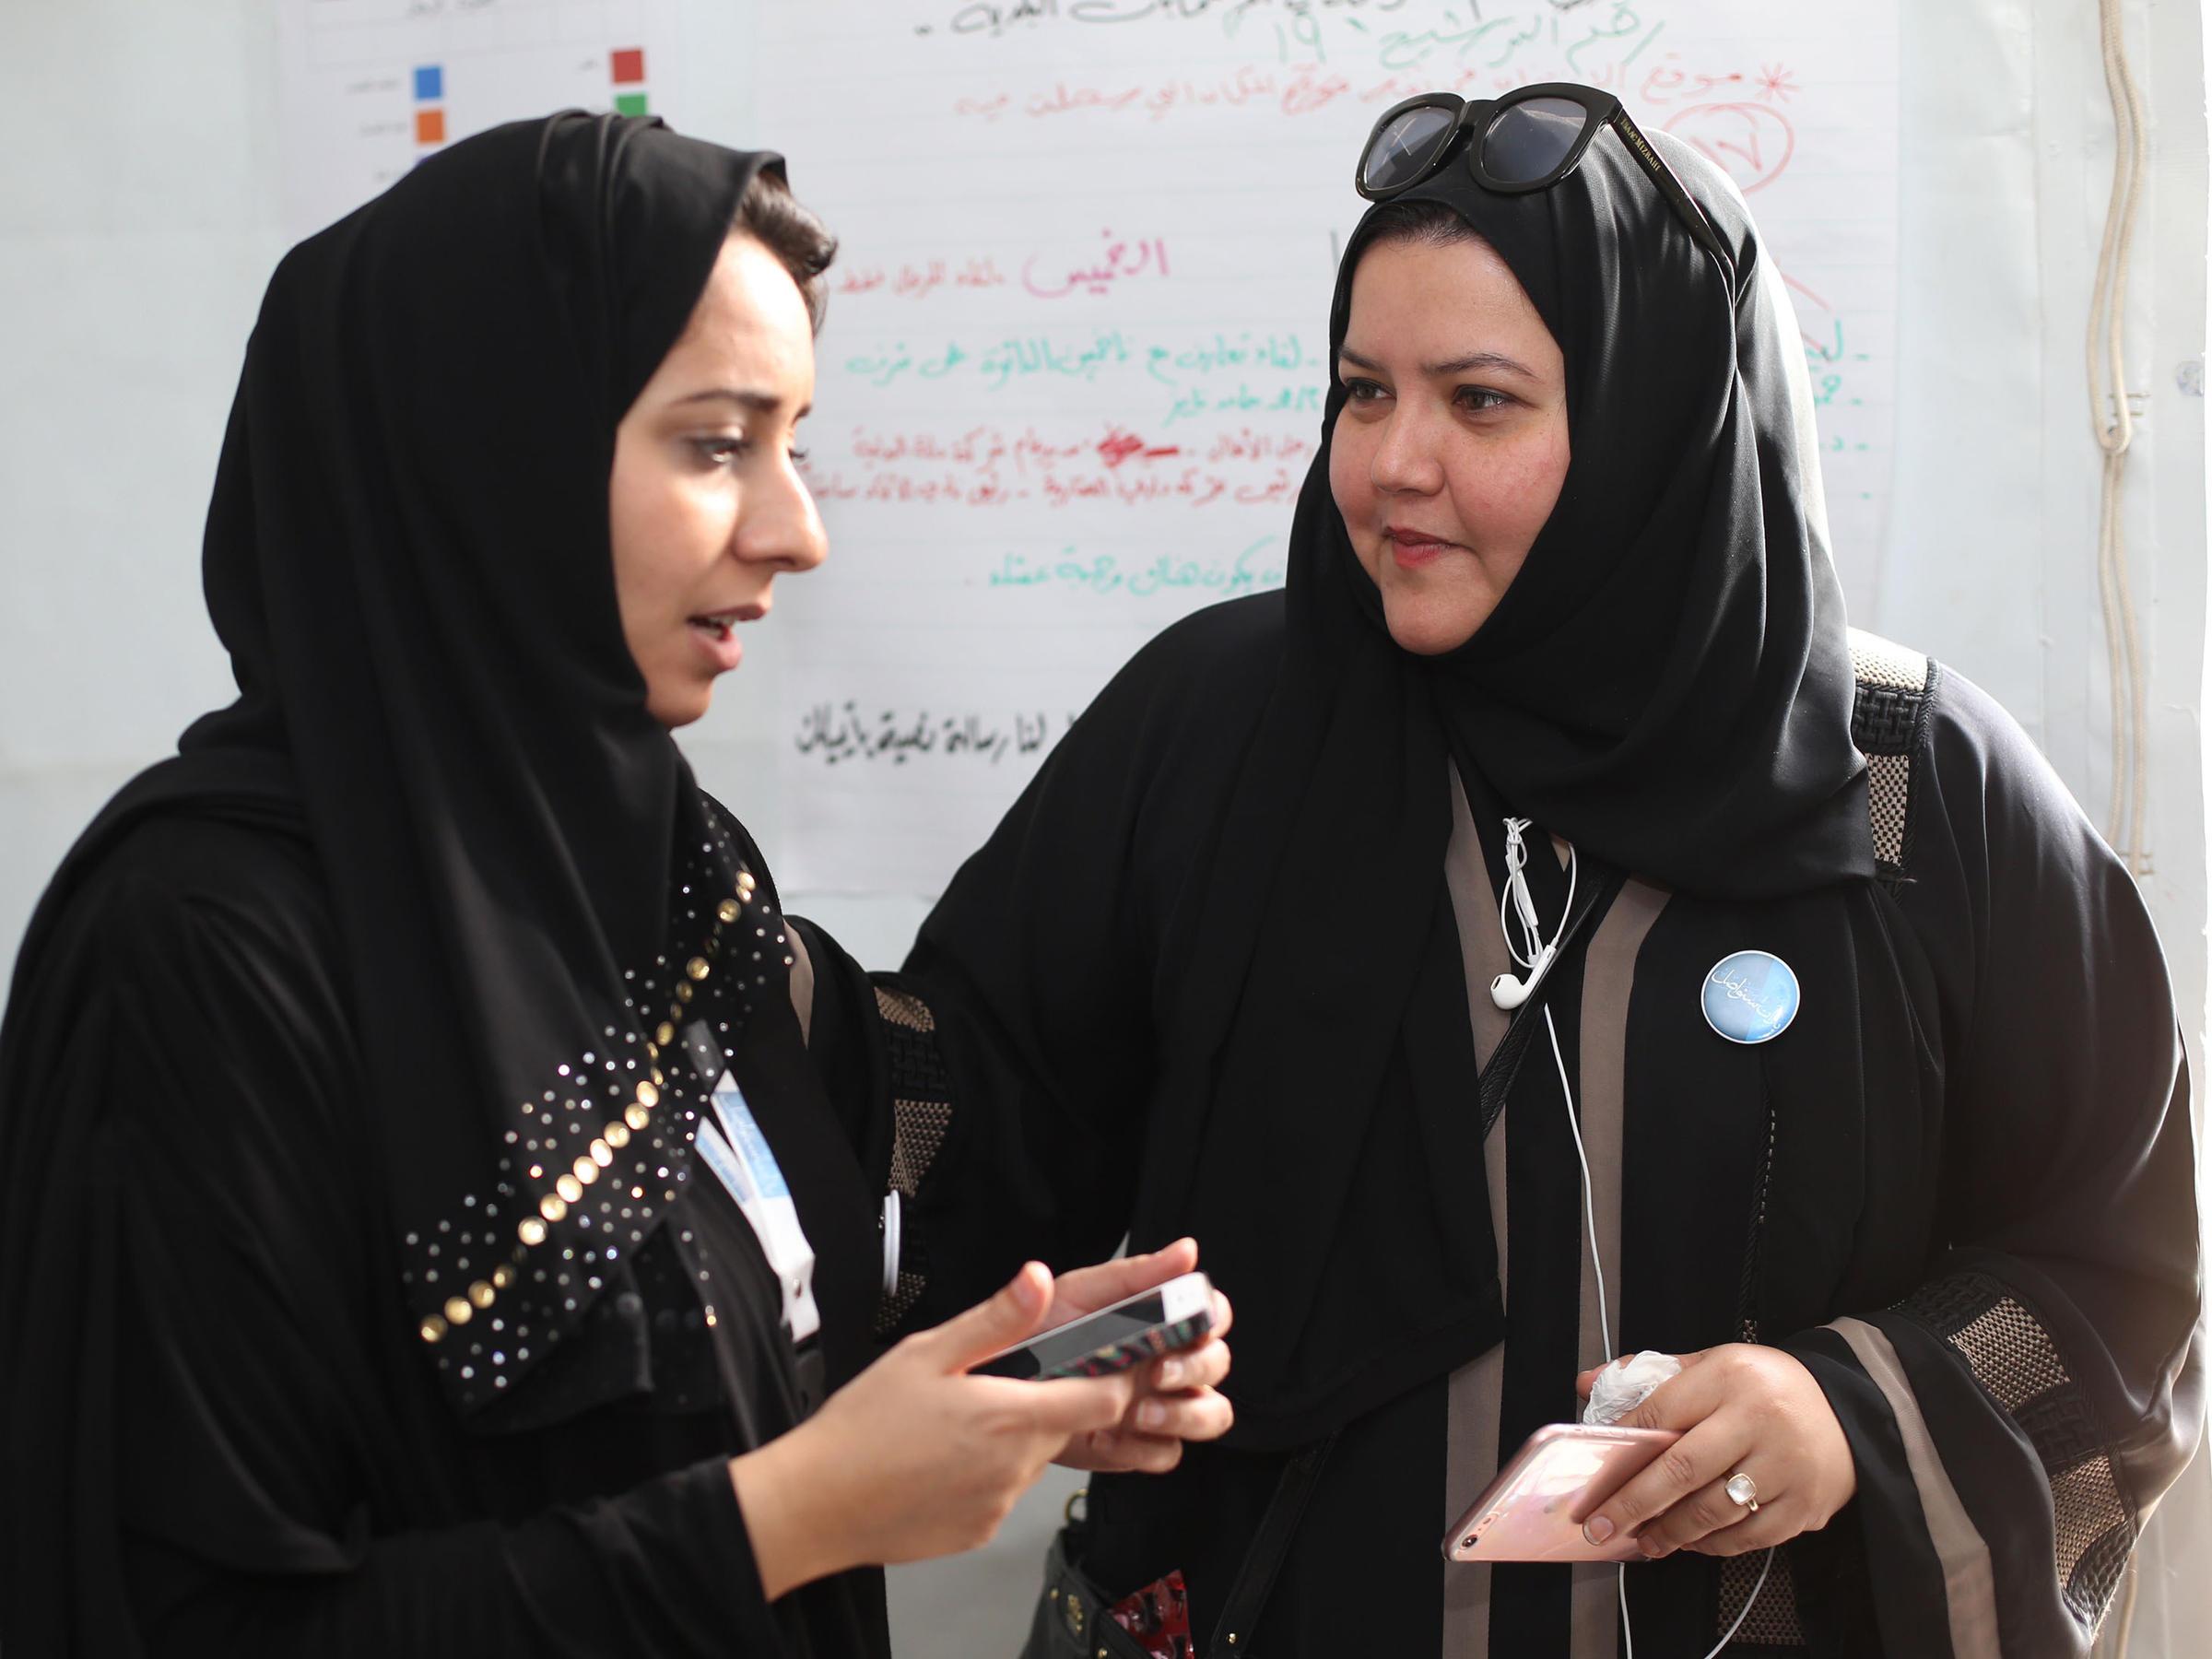 Jeddah women